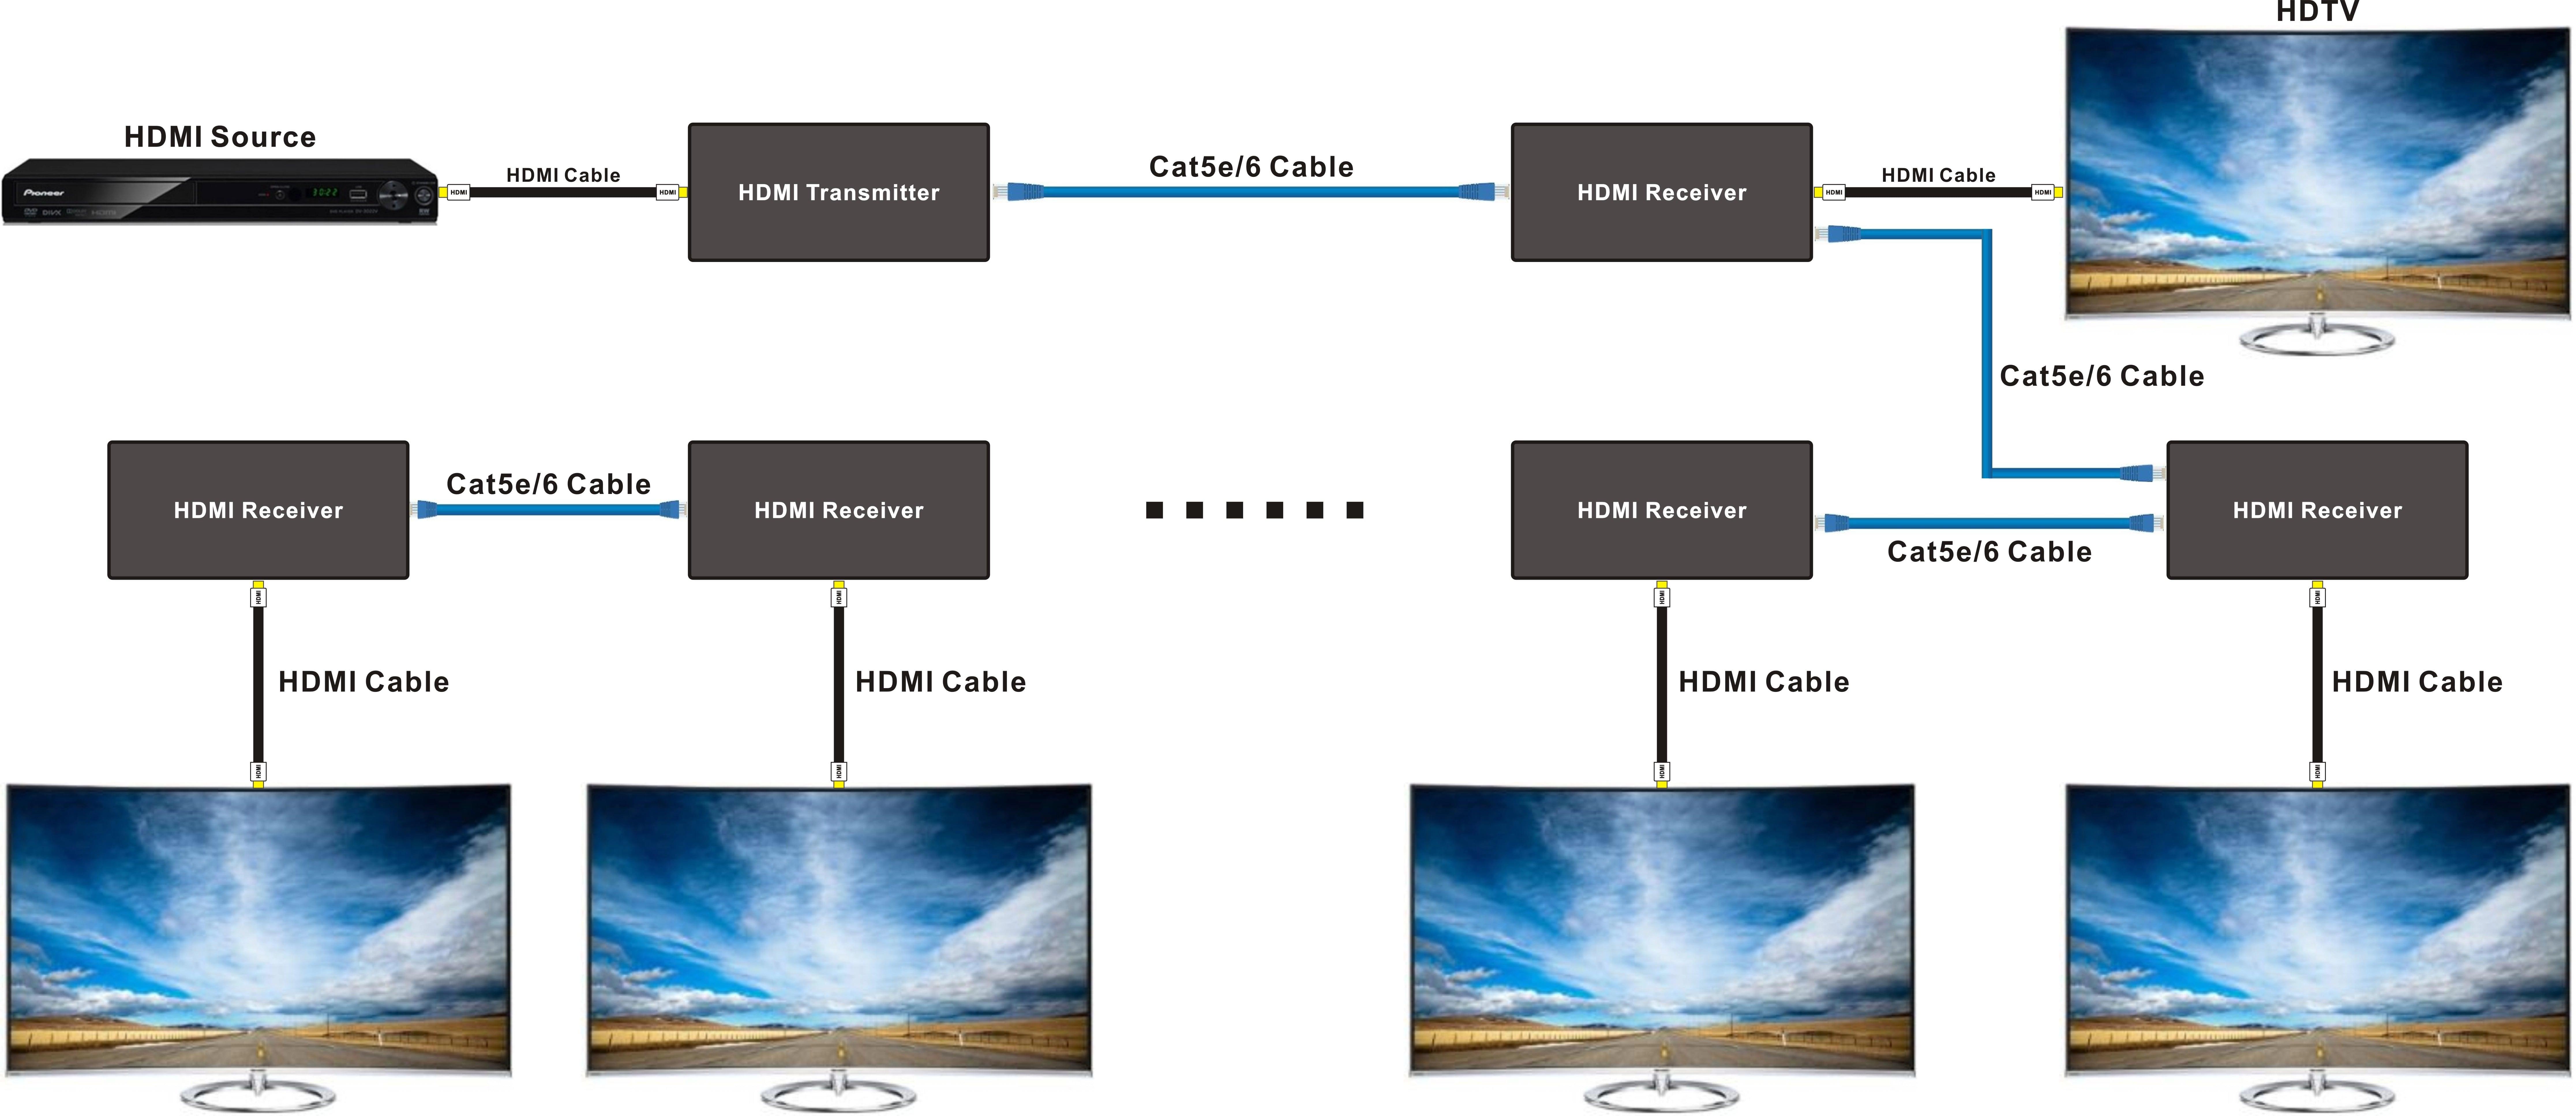 Estensore hdmi uhd 4k tramite cavo di rete cat 5e/6 fino a 120 metri  controllo remoto con sensori infrarossi